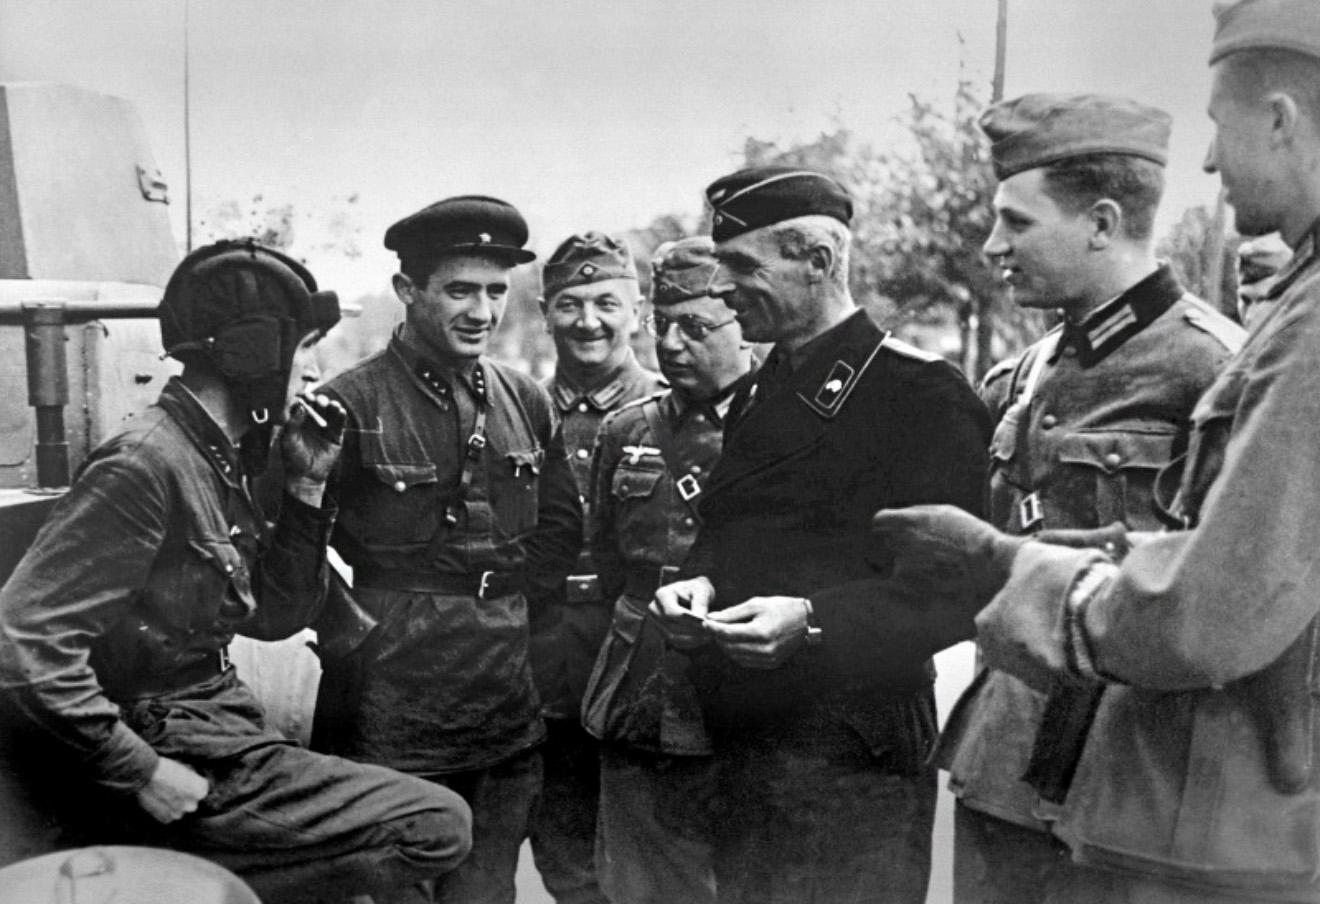 Киселев нервно курит: по мнению Кремля СССР не вторгался в Польшу в 1939 году